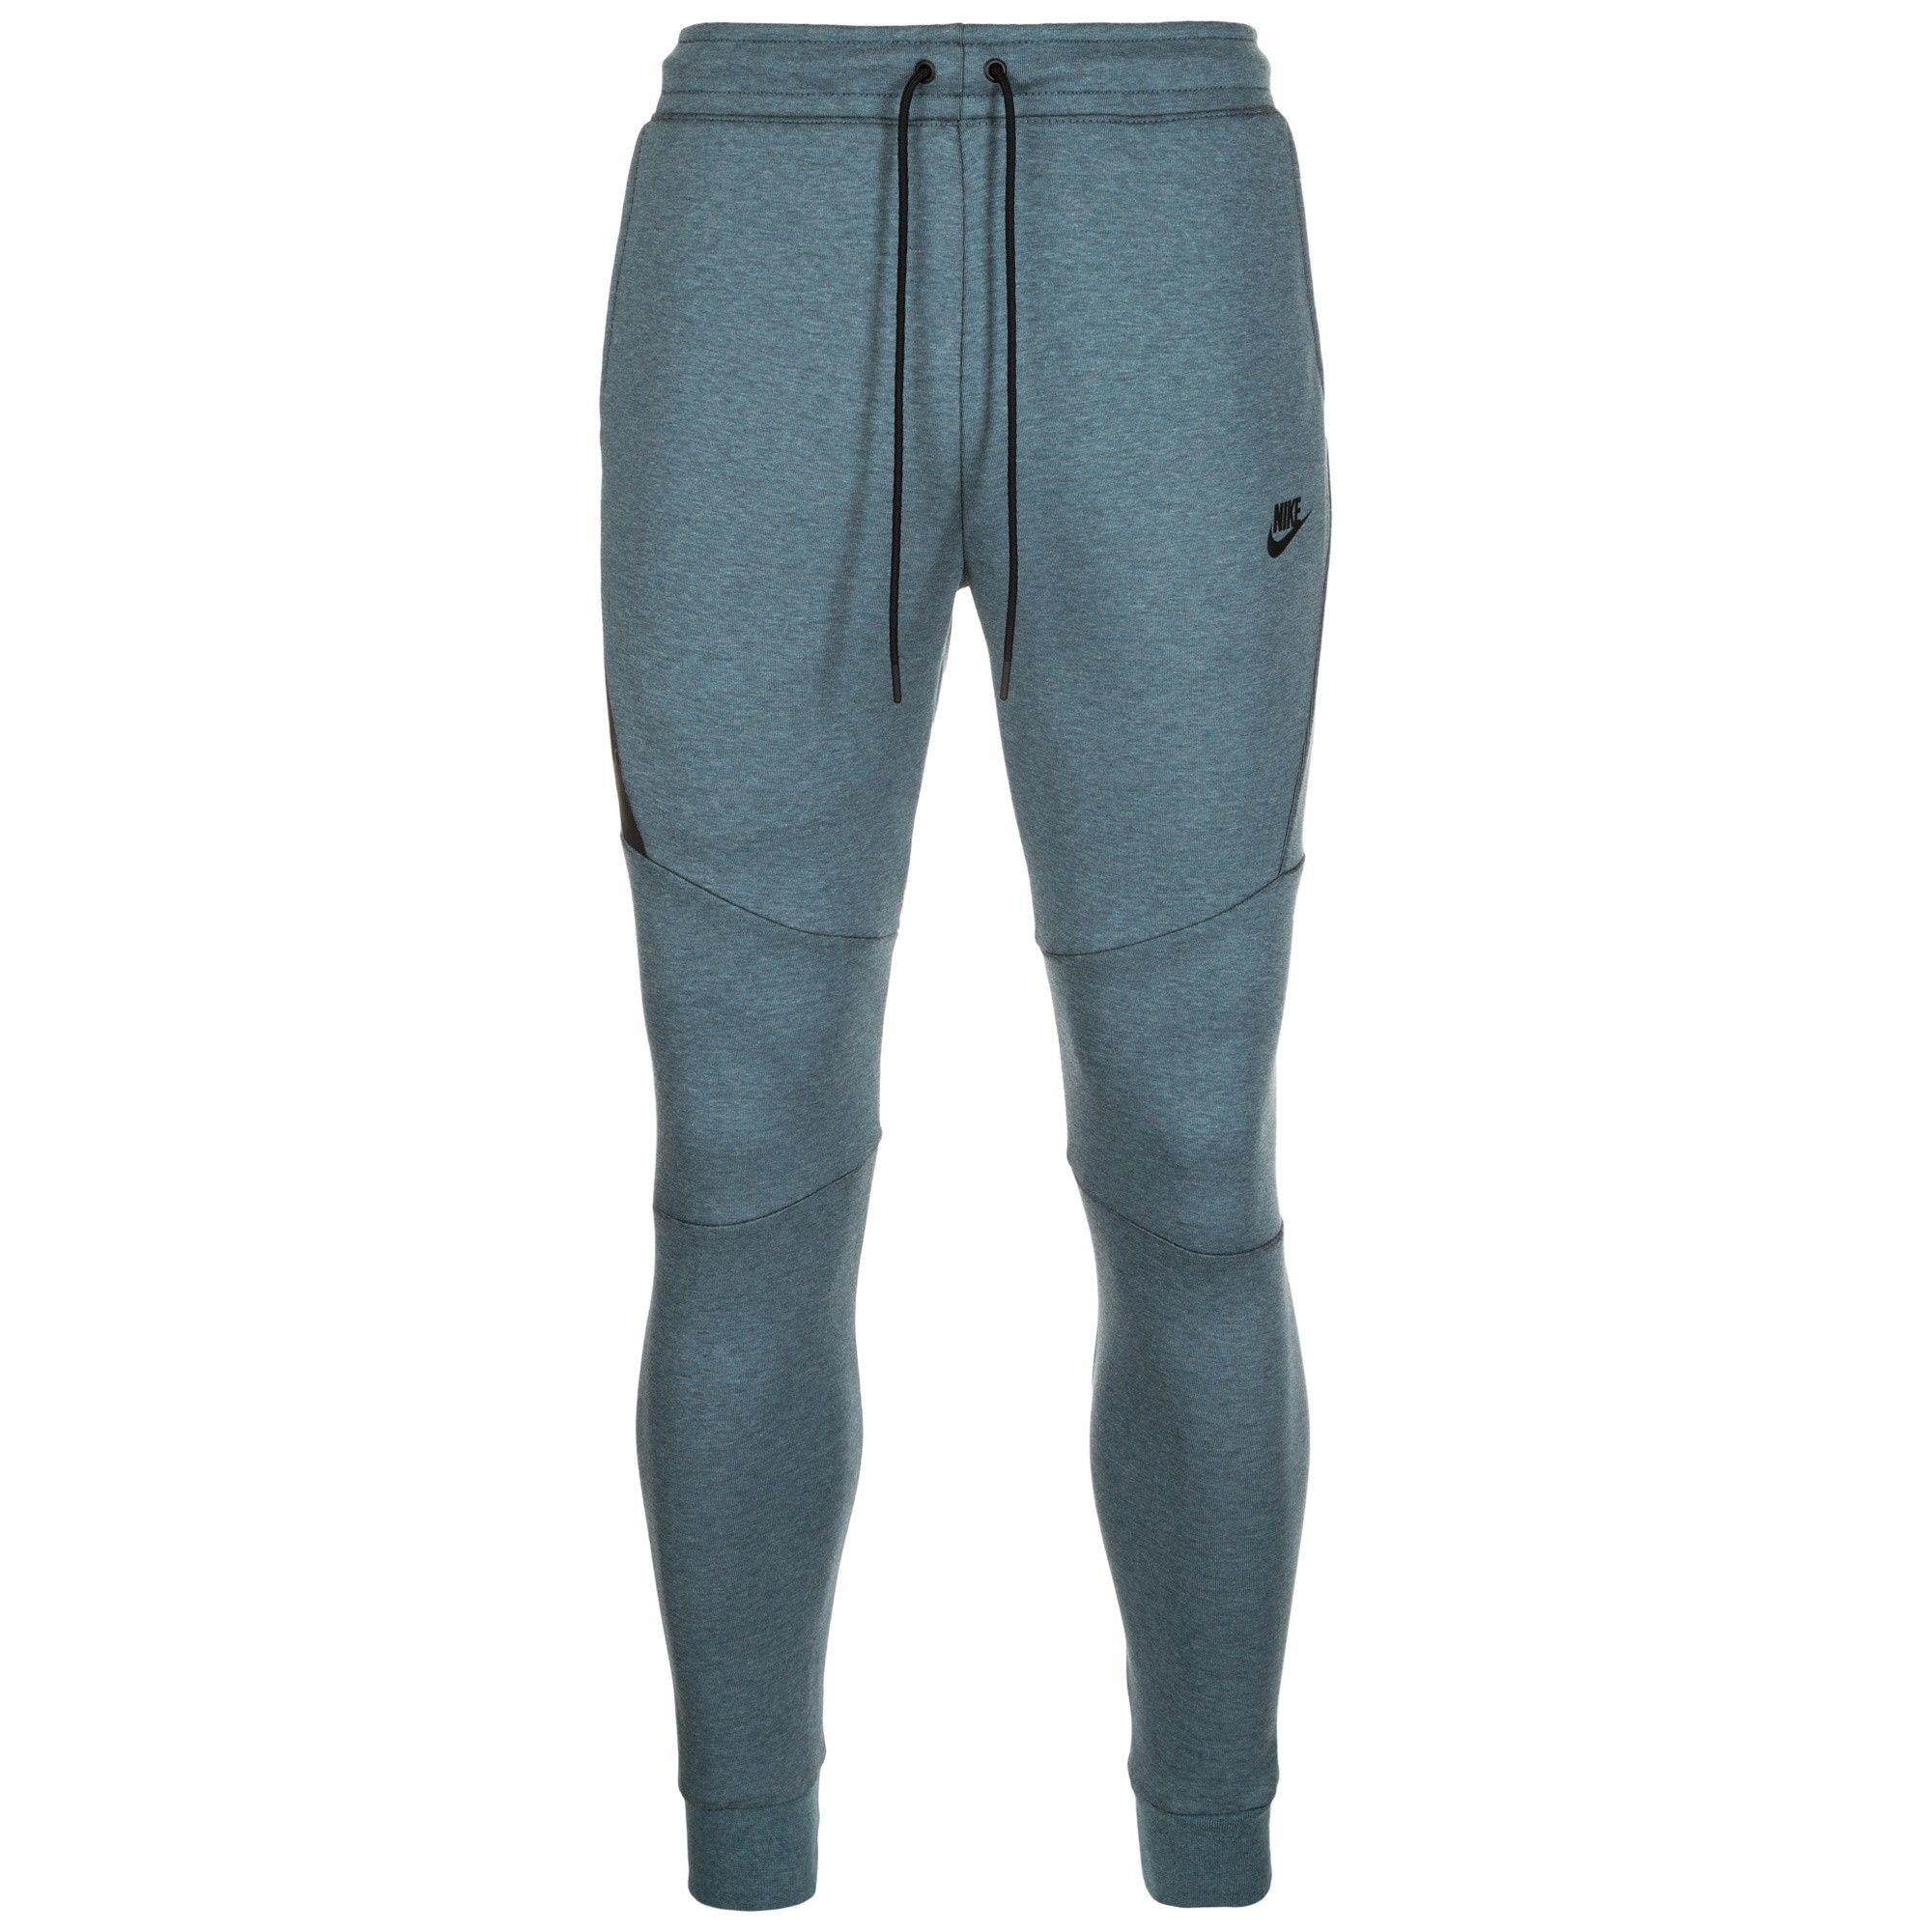 best online differently online shop Pantalon de survêtement Nike Tech Fleece Jogger - 805162-055